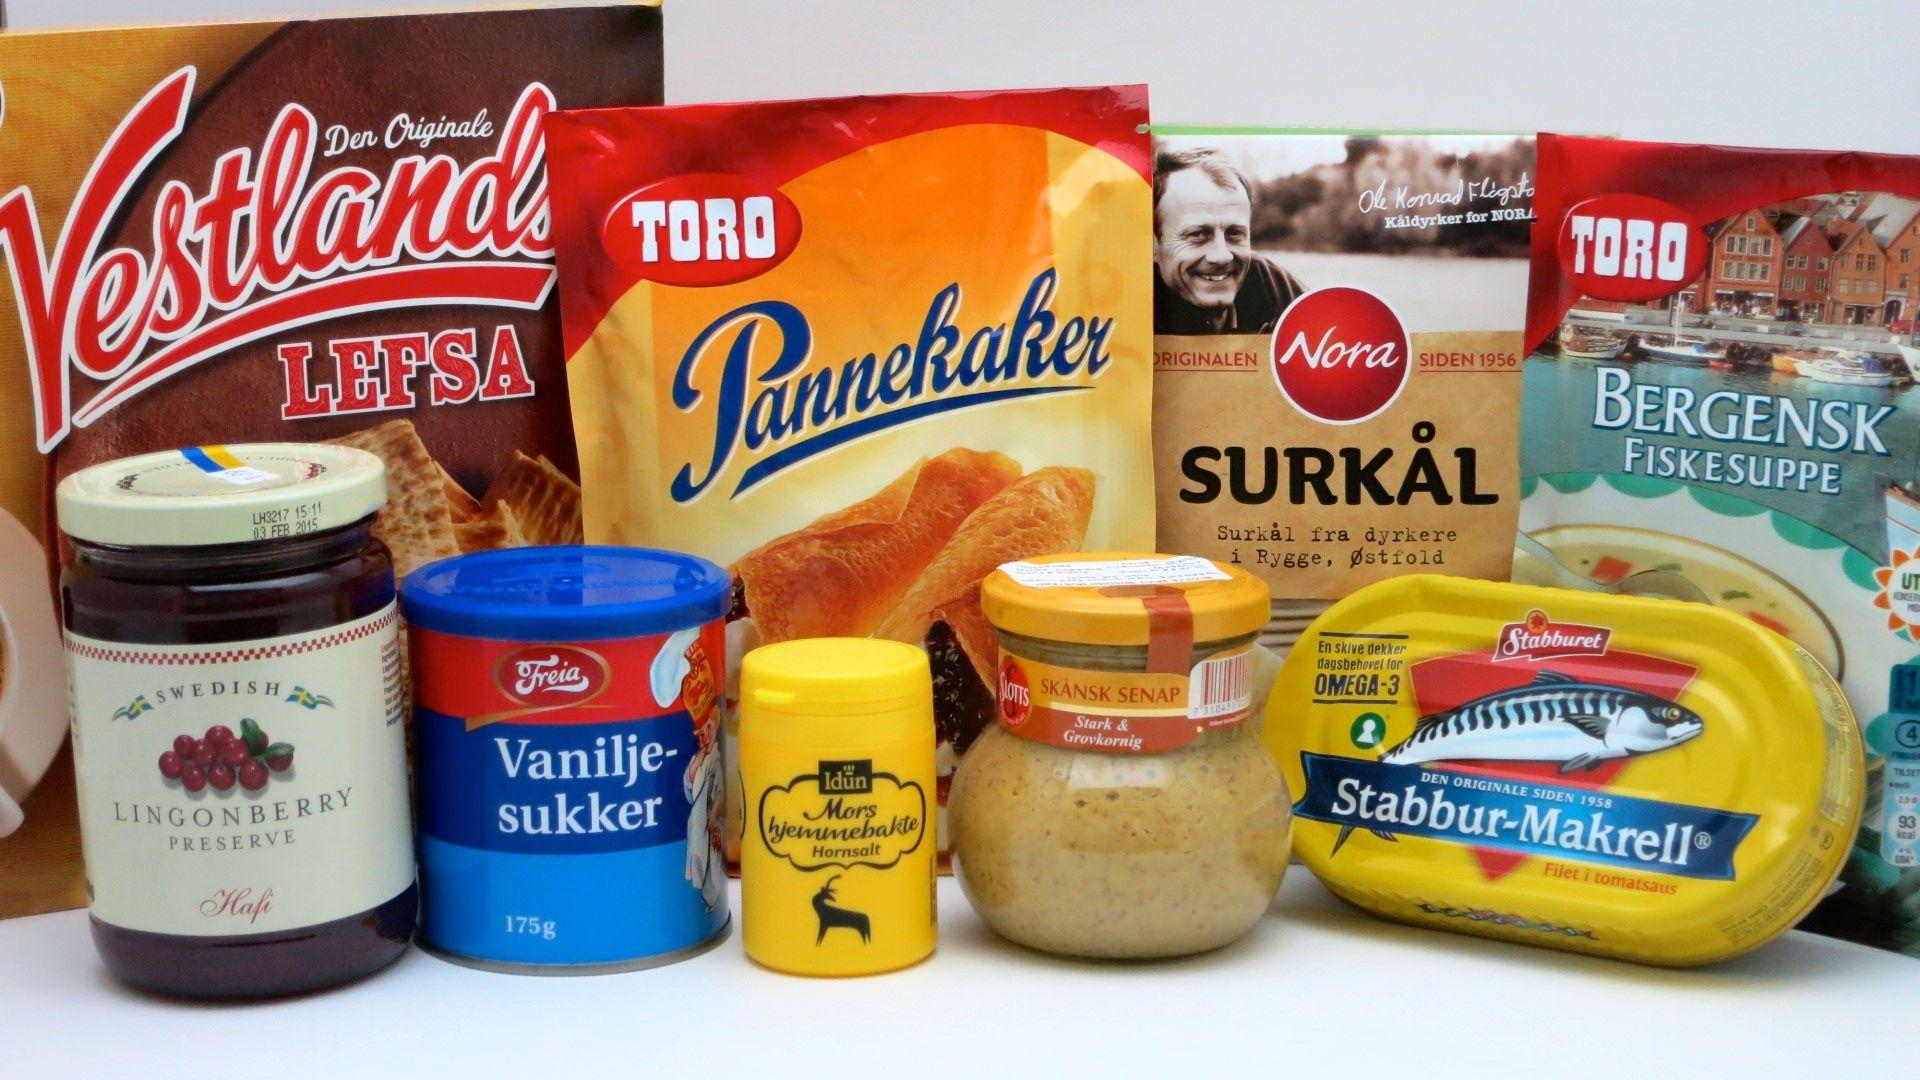 Scandinavian Specialties Scandinavian Specialty Ballard